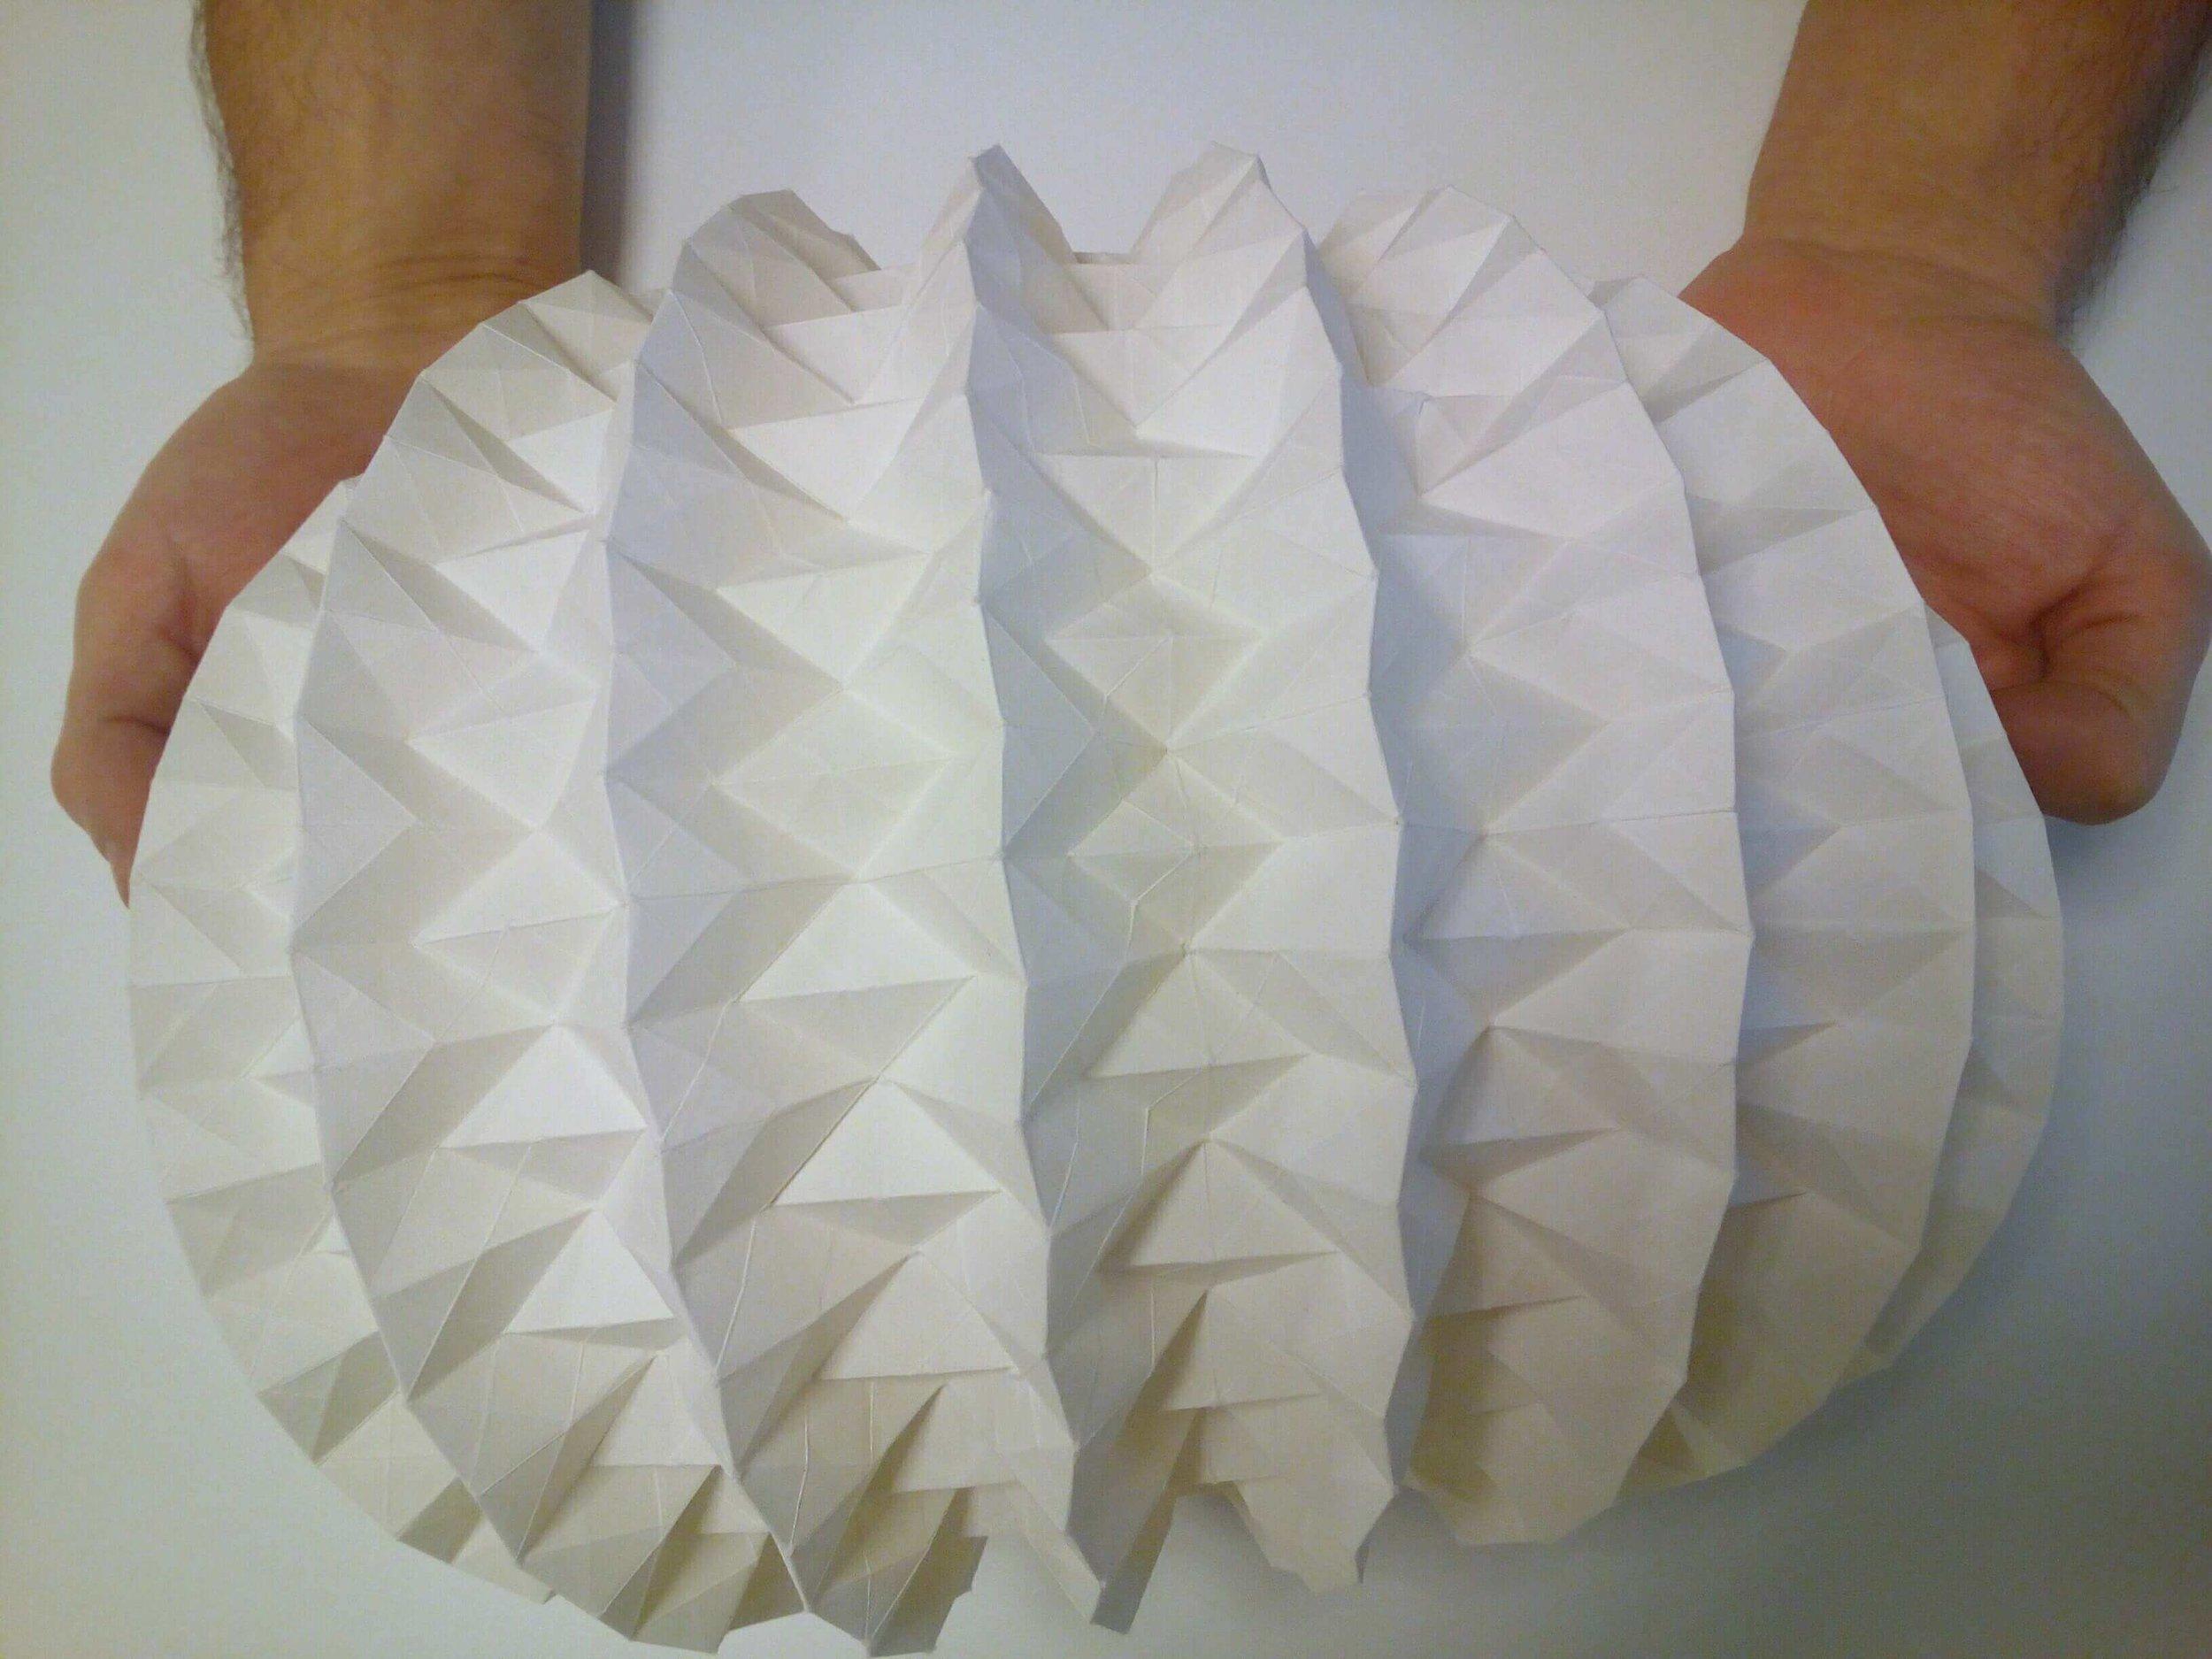 arquitectura-do-papel-curso-dario-zeruto3.jpg